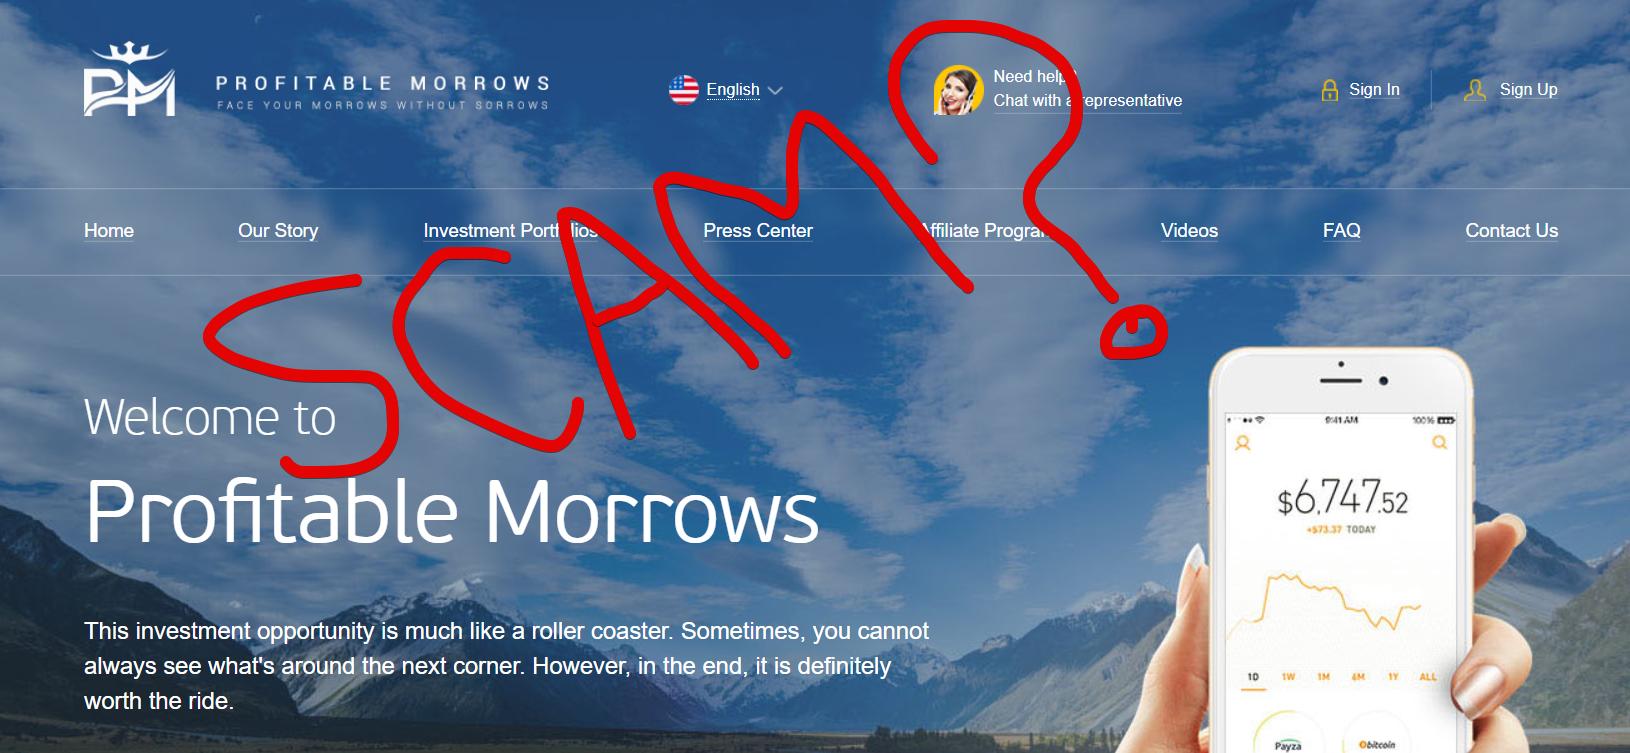 Profitable Morrows